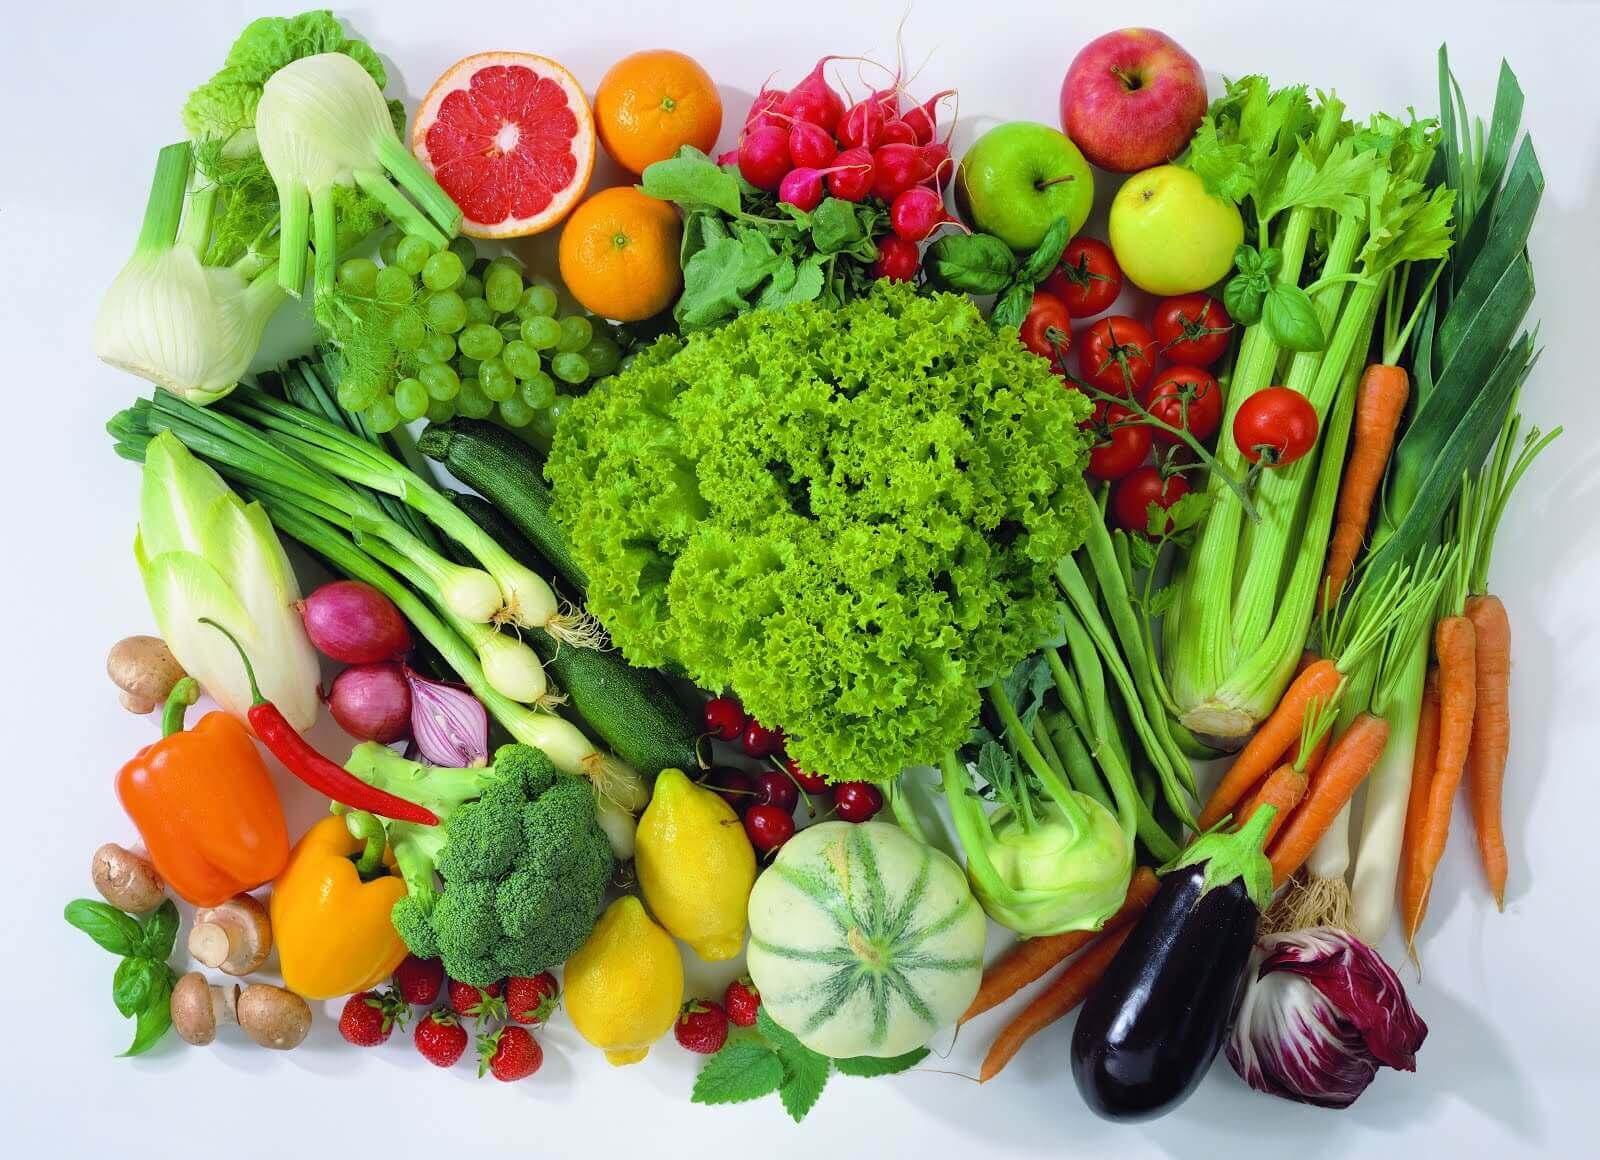 αδυνατίσετε κατά την εμμηνόπαυση - λαχανικά